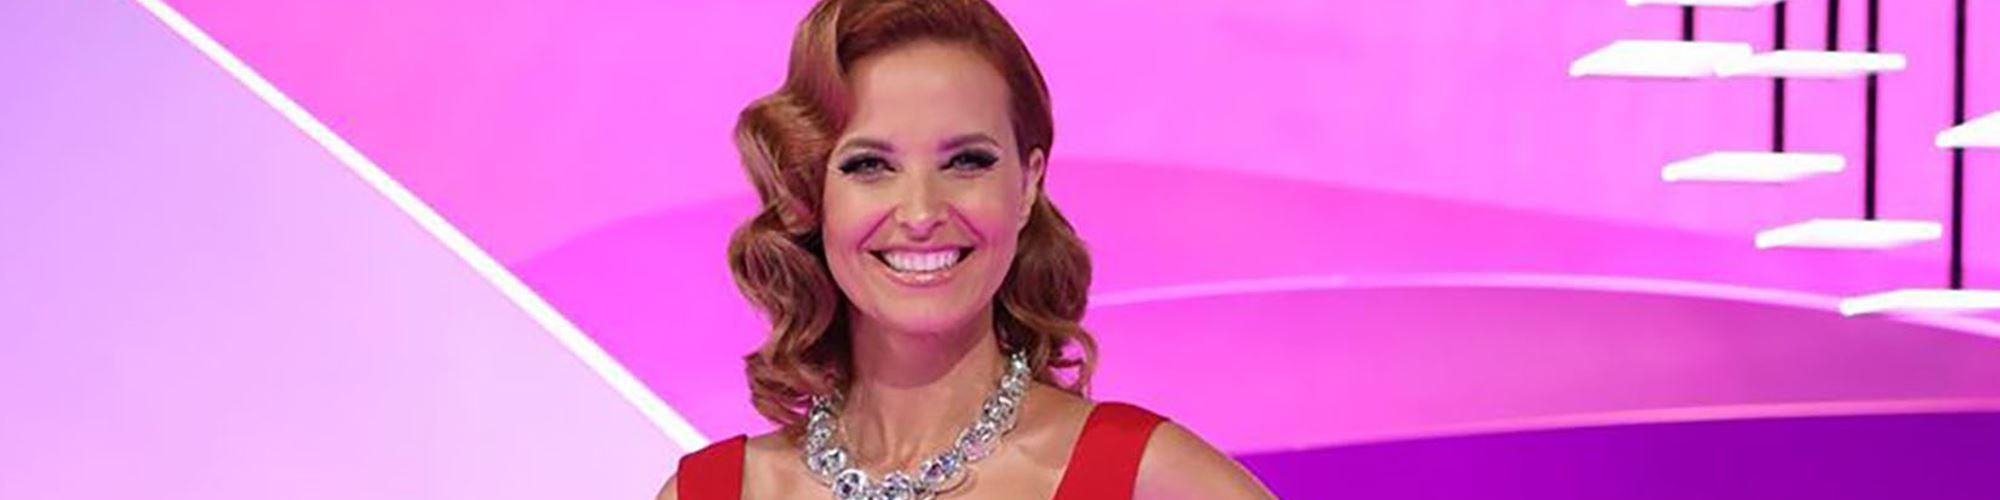 Fãs de Cristina Ferreira estão desiludidos com novo programa